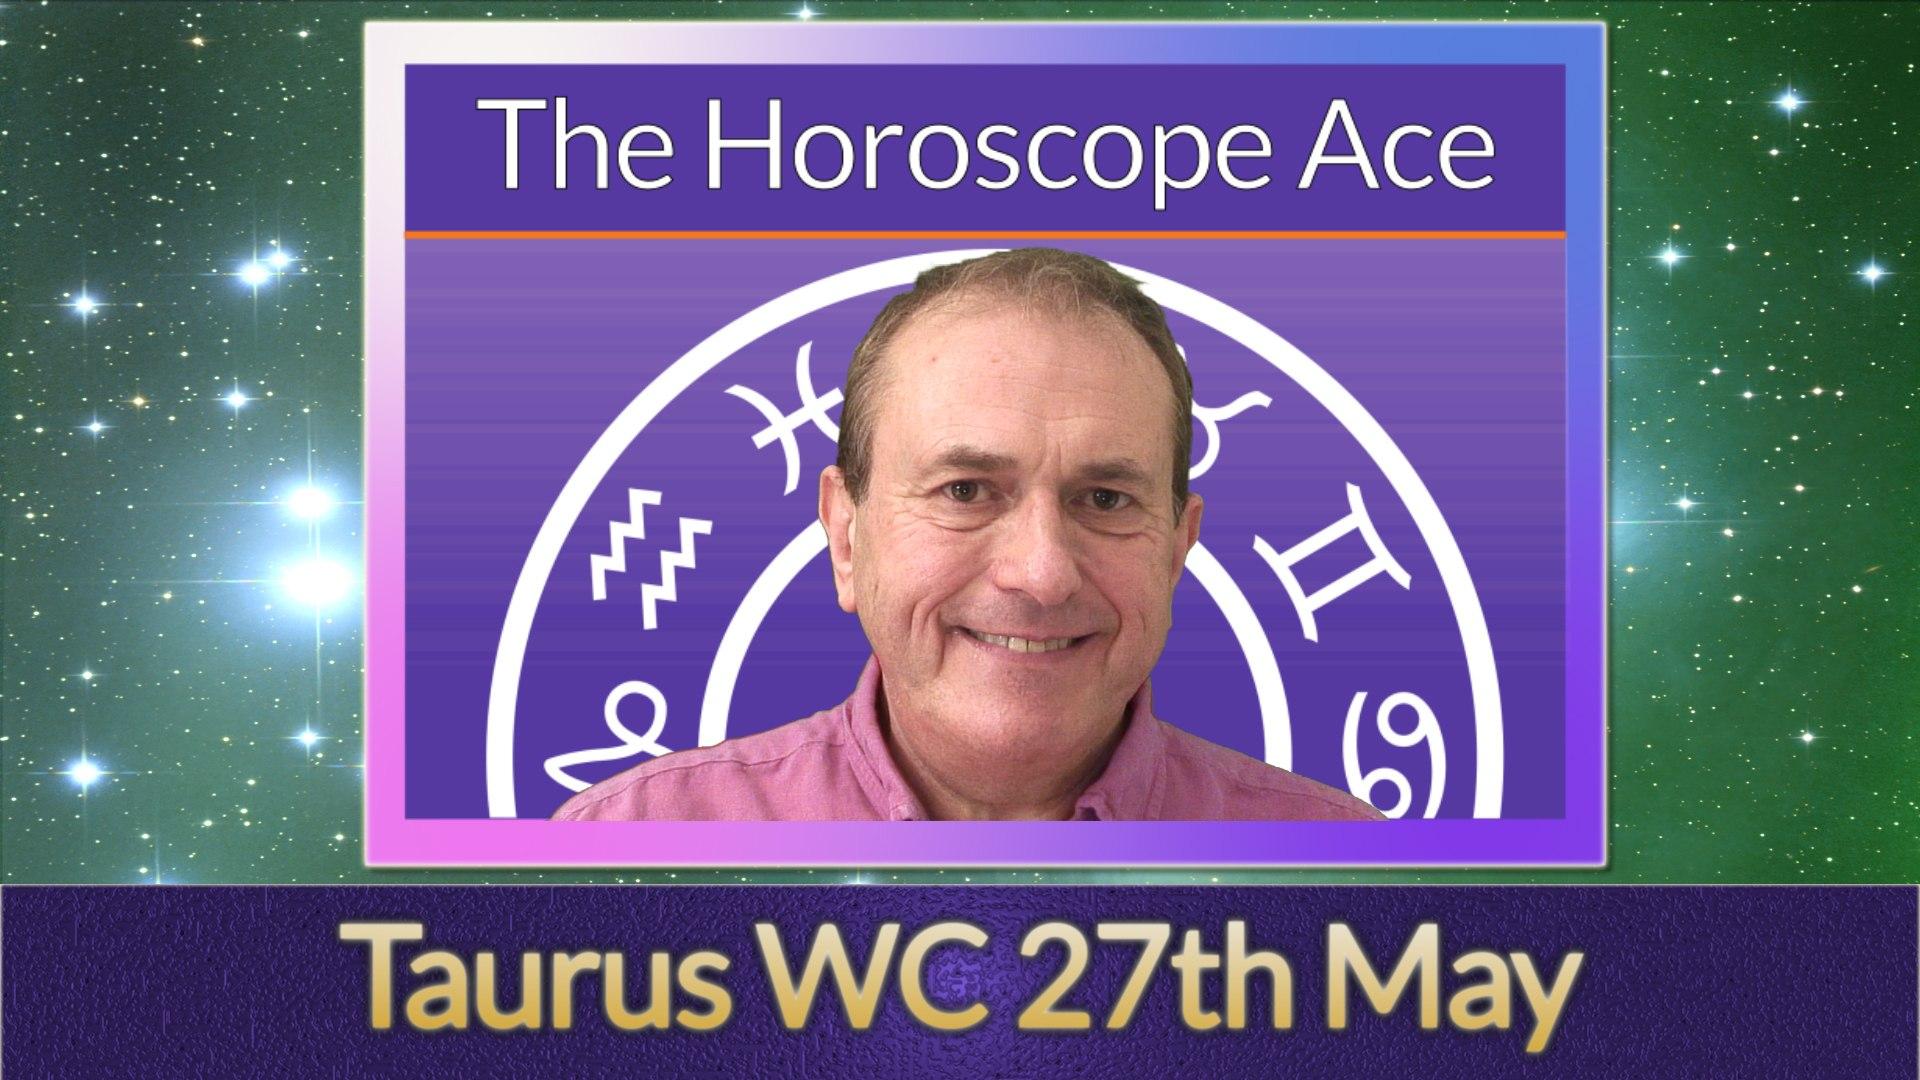 Prakash astrologer 2019 horoscope